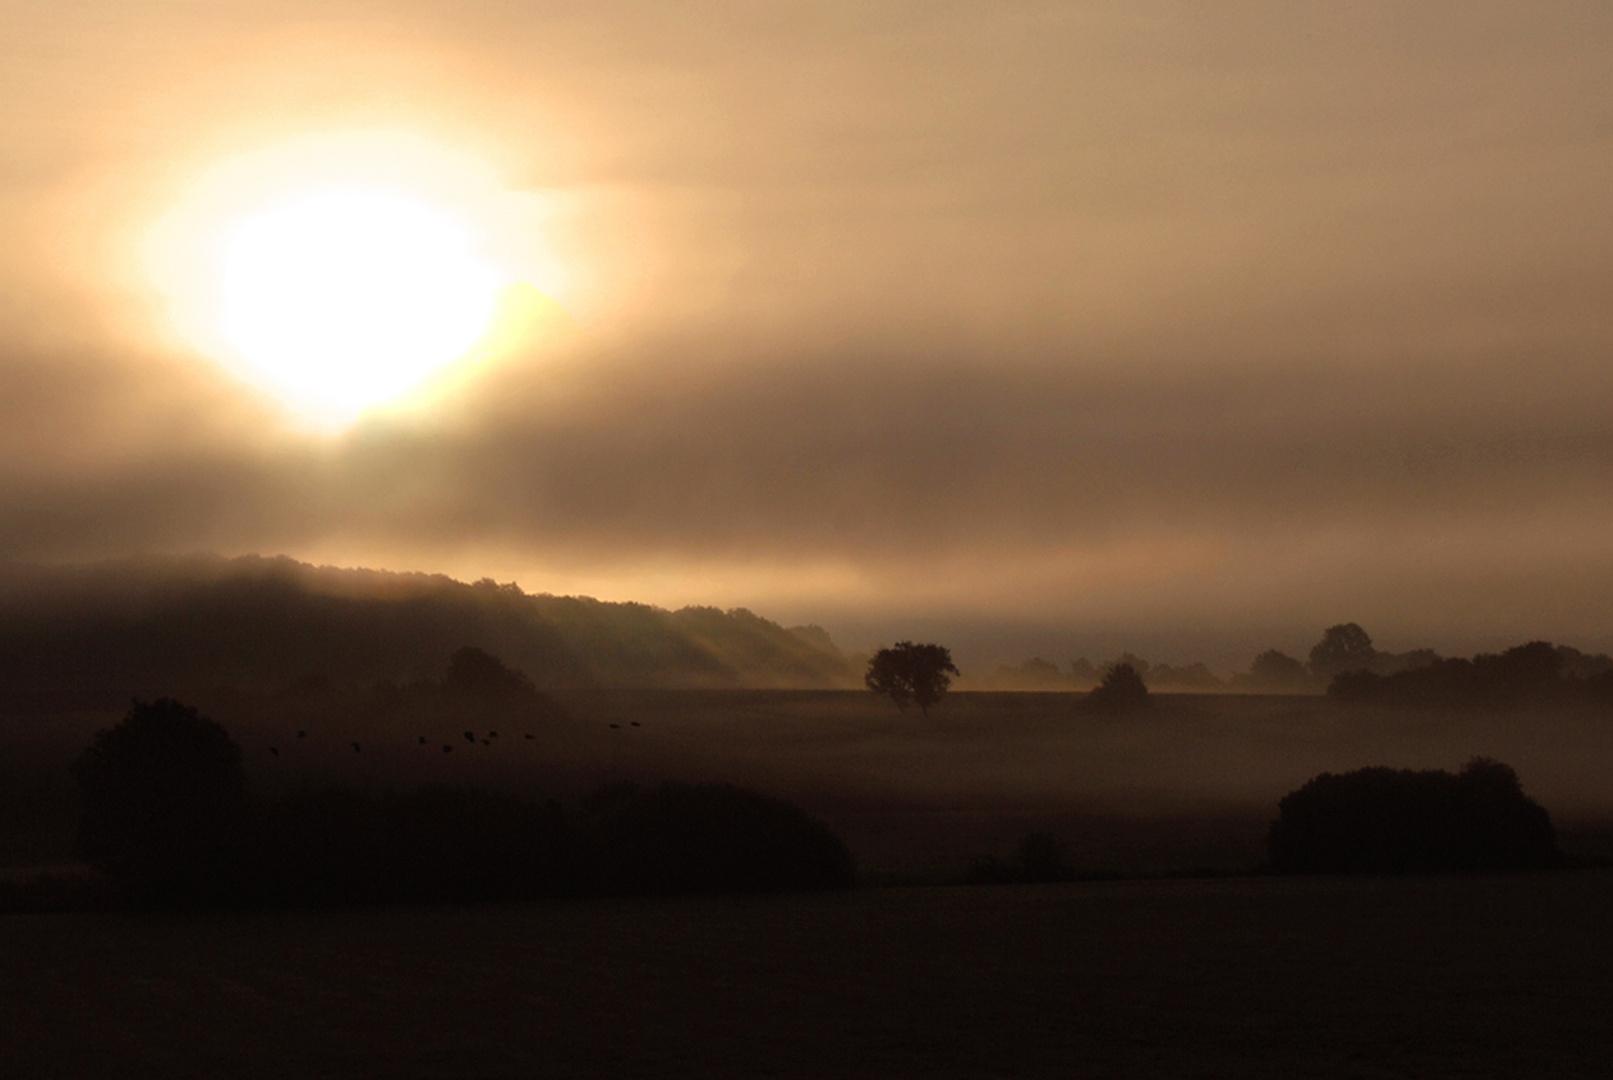 lorsque la lumière rencontre le brouillard